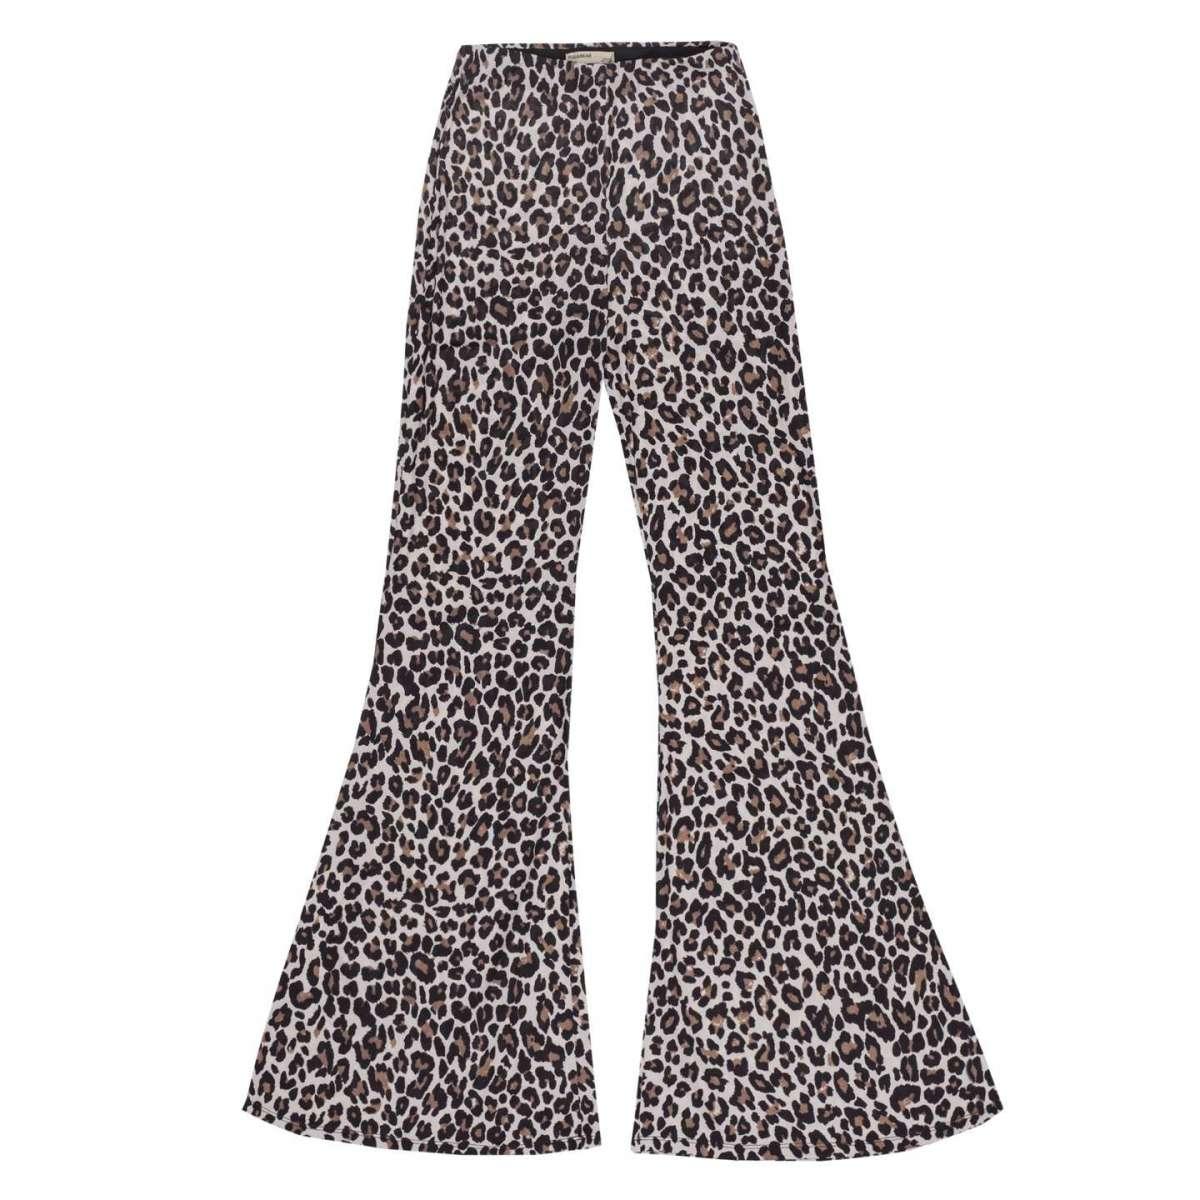 Pantaloni a zampa animalier Pull and Bear